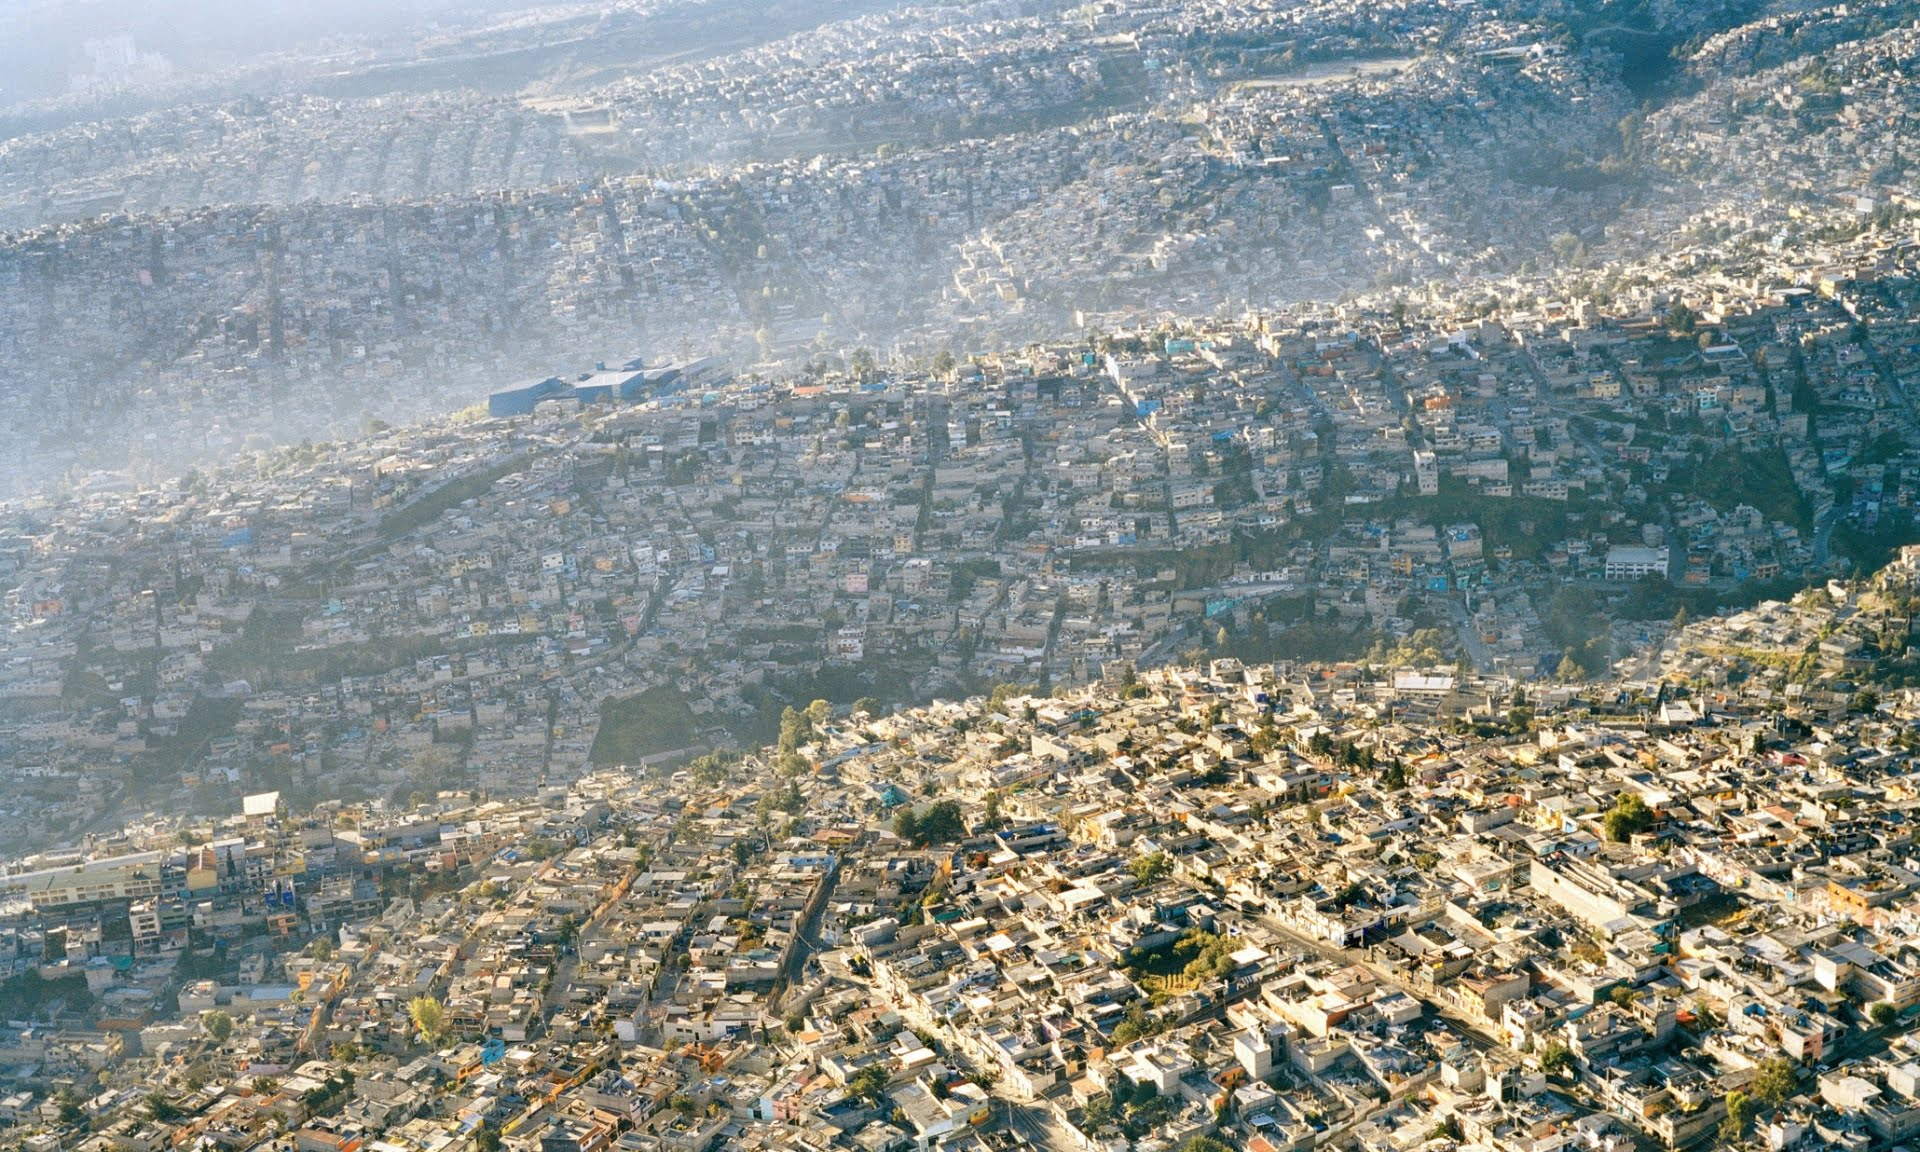 Superpopulação e super consumismo, nossa triste realidade, imagem de ondas imobiliárias de superpopulação